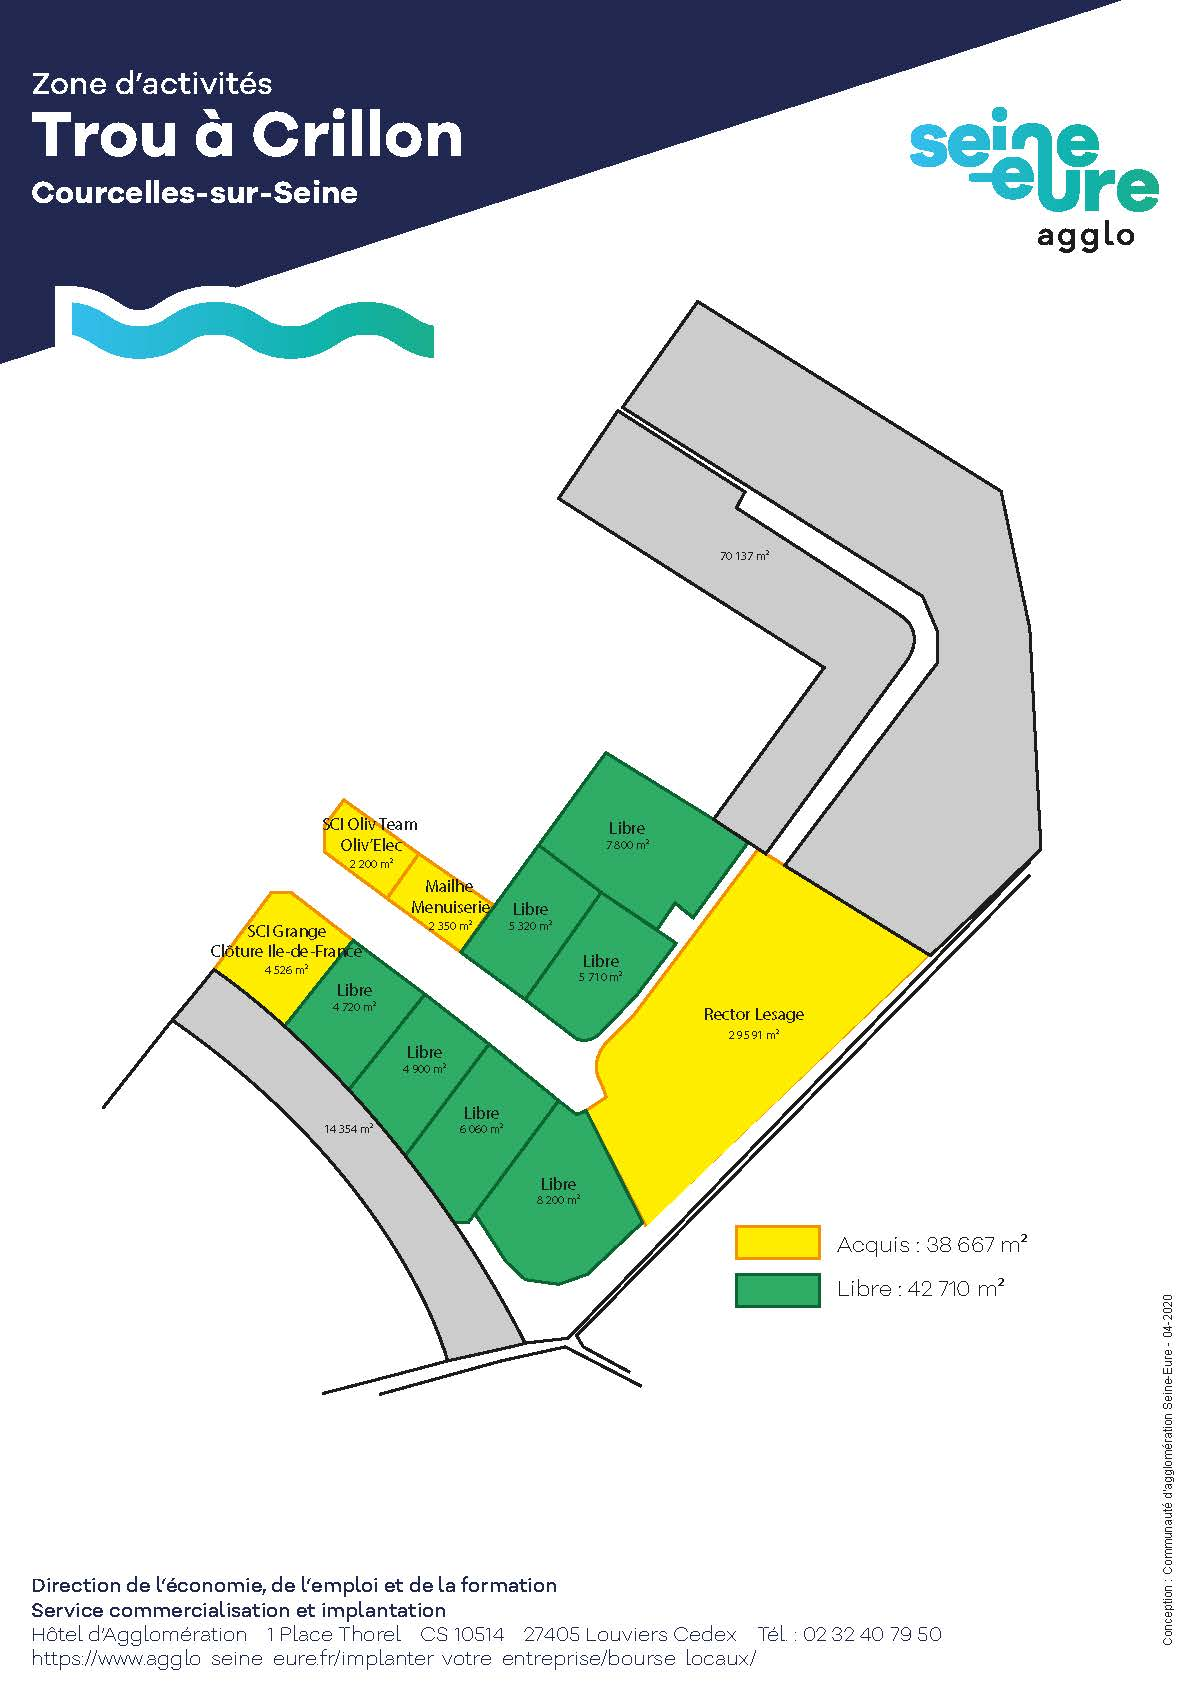 Zone d'Activités Trou à Crillon